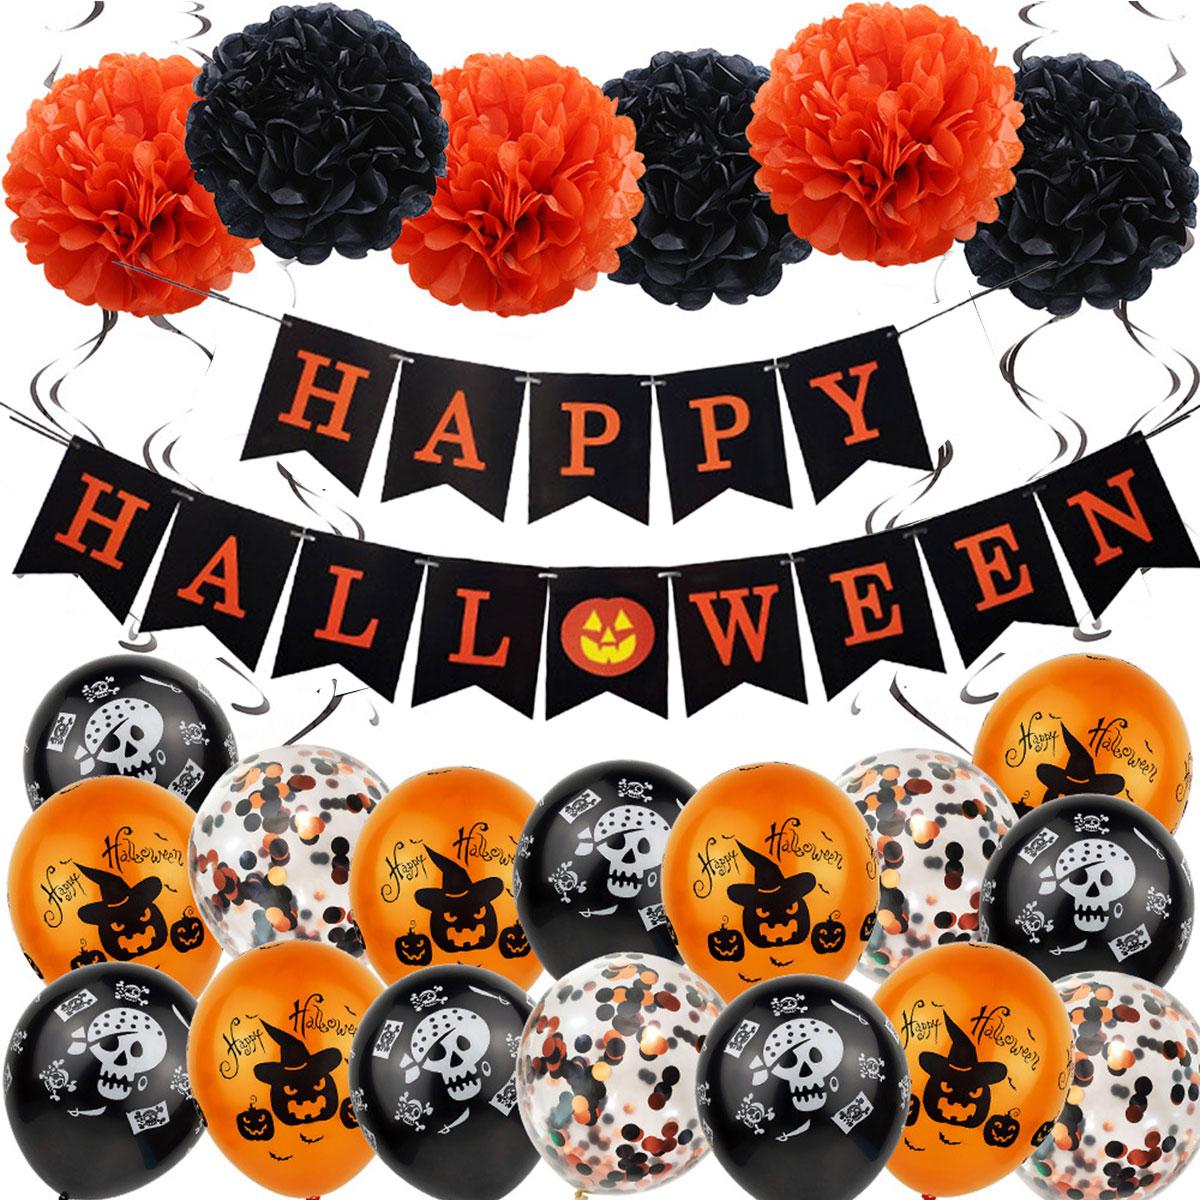 上品 ハロウィン 定価 装飾 ガーランド 壁 飾り バルーン 飾り付け 風船 パーティー かぼちゃ ハロウィングッズ